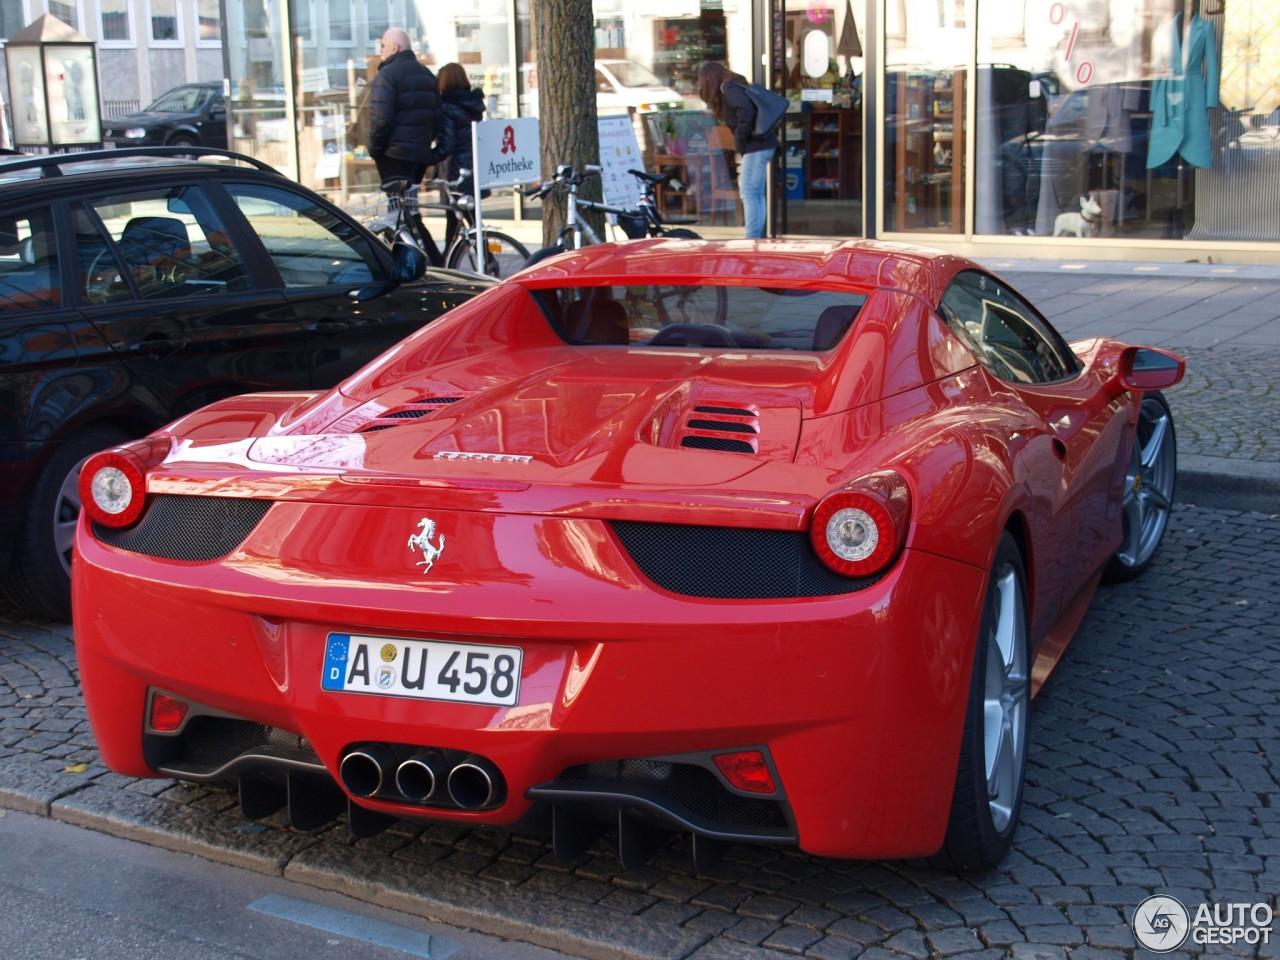 Ferrari 458 Spider - 17 November 2012 - Autogespot  Ferrari 458 Spider Red